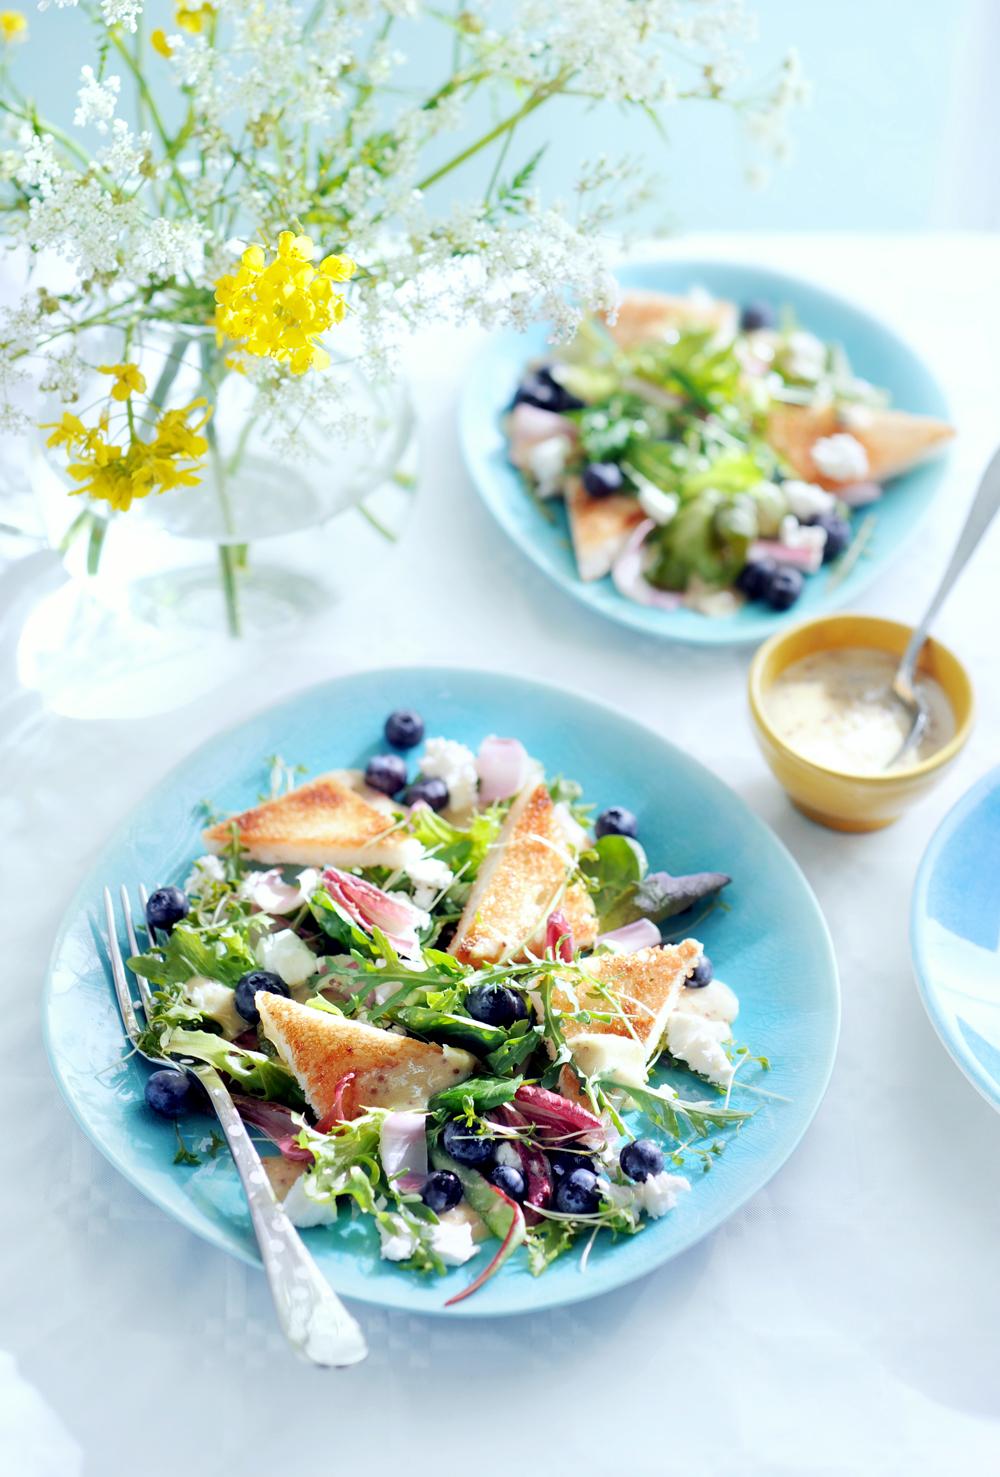 zomersalade met bladgroenten, bessen en geitenkaas